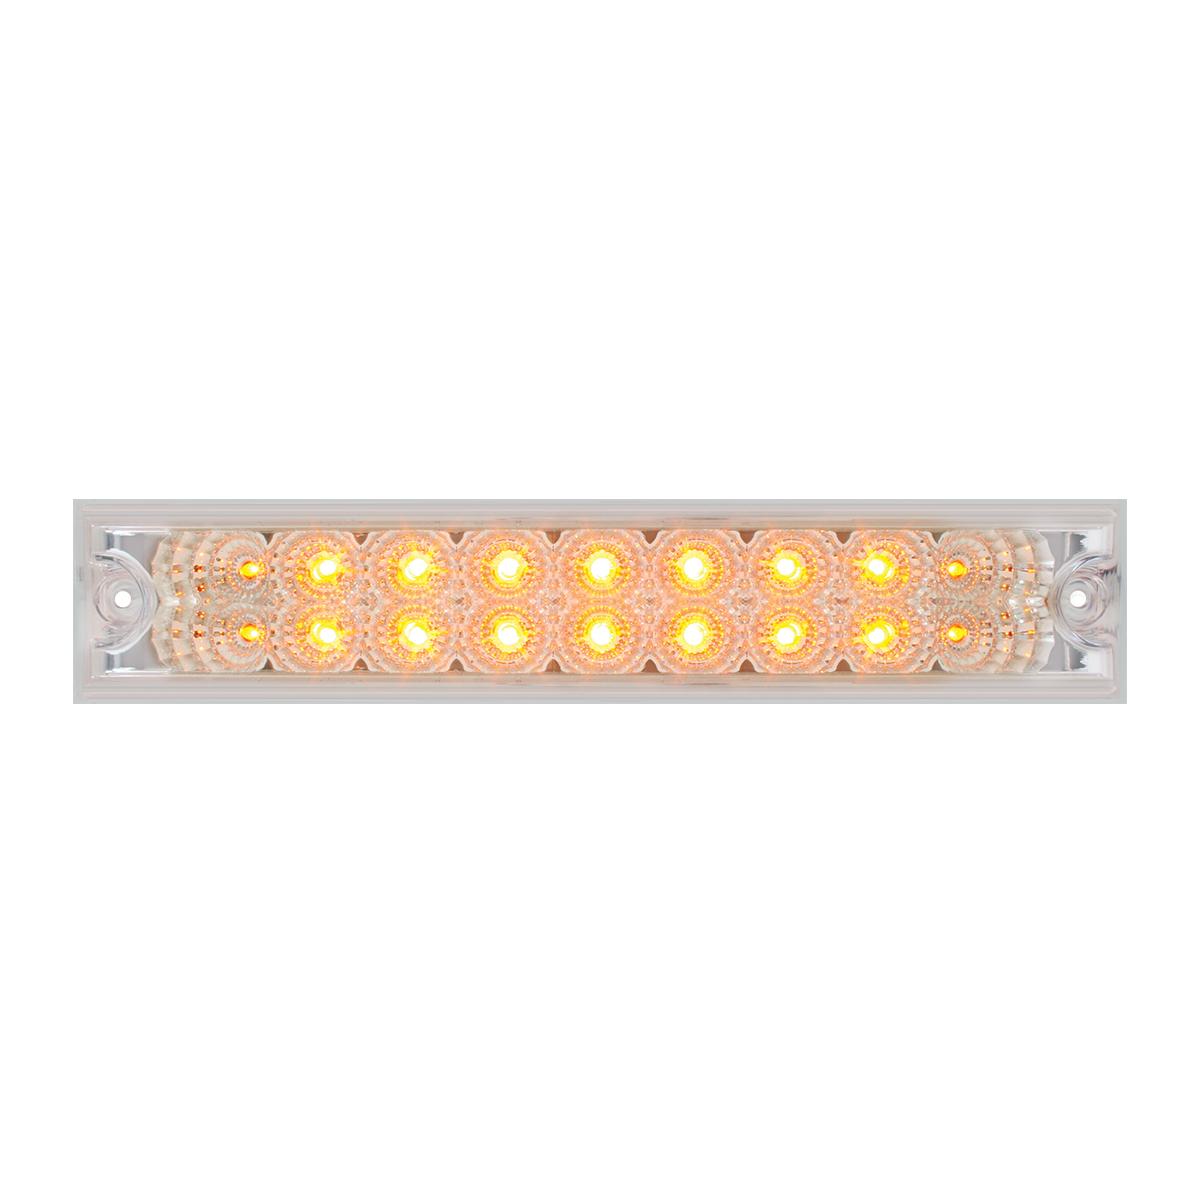 """76481 10"""" Spyder LED Light Bar in Clear Lens"""